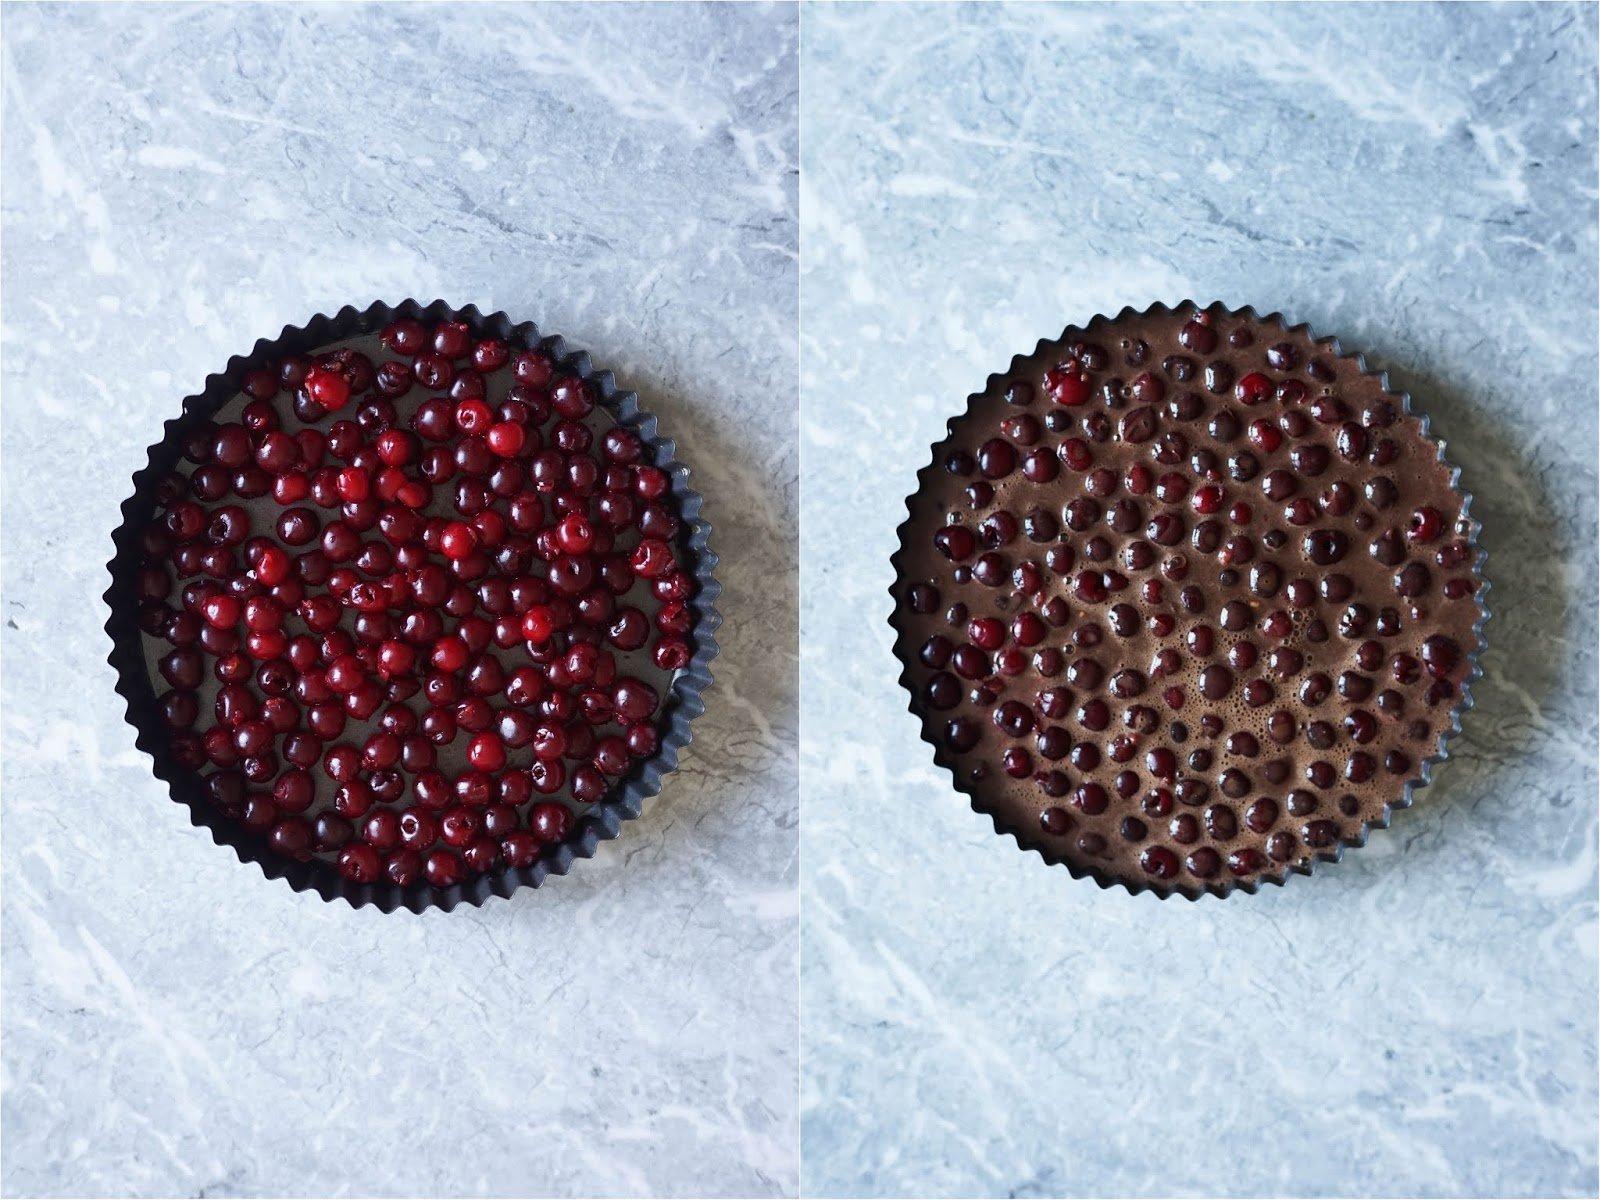 Klasický clafoutis je francouzský dezert připomínající pudinkové těsto, ve kterém jsou zapečené šťavnaté třešně. Nás však zaujala temnější a hříšnější verze, kdy do kakaového těsta přidáte na místo třešní višně. Držte si vidličky, abyste ho nesnědli na posezení, protože tohle je léto v koláčové formě.